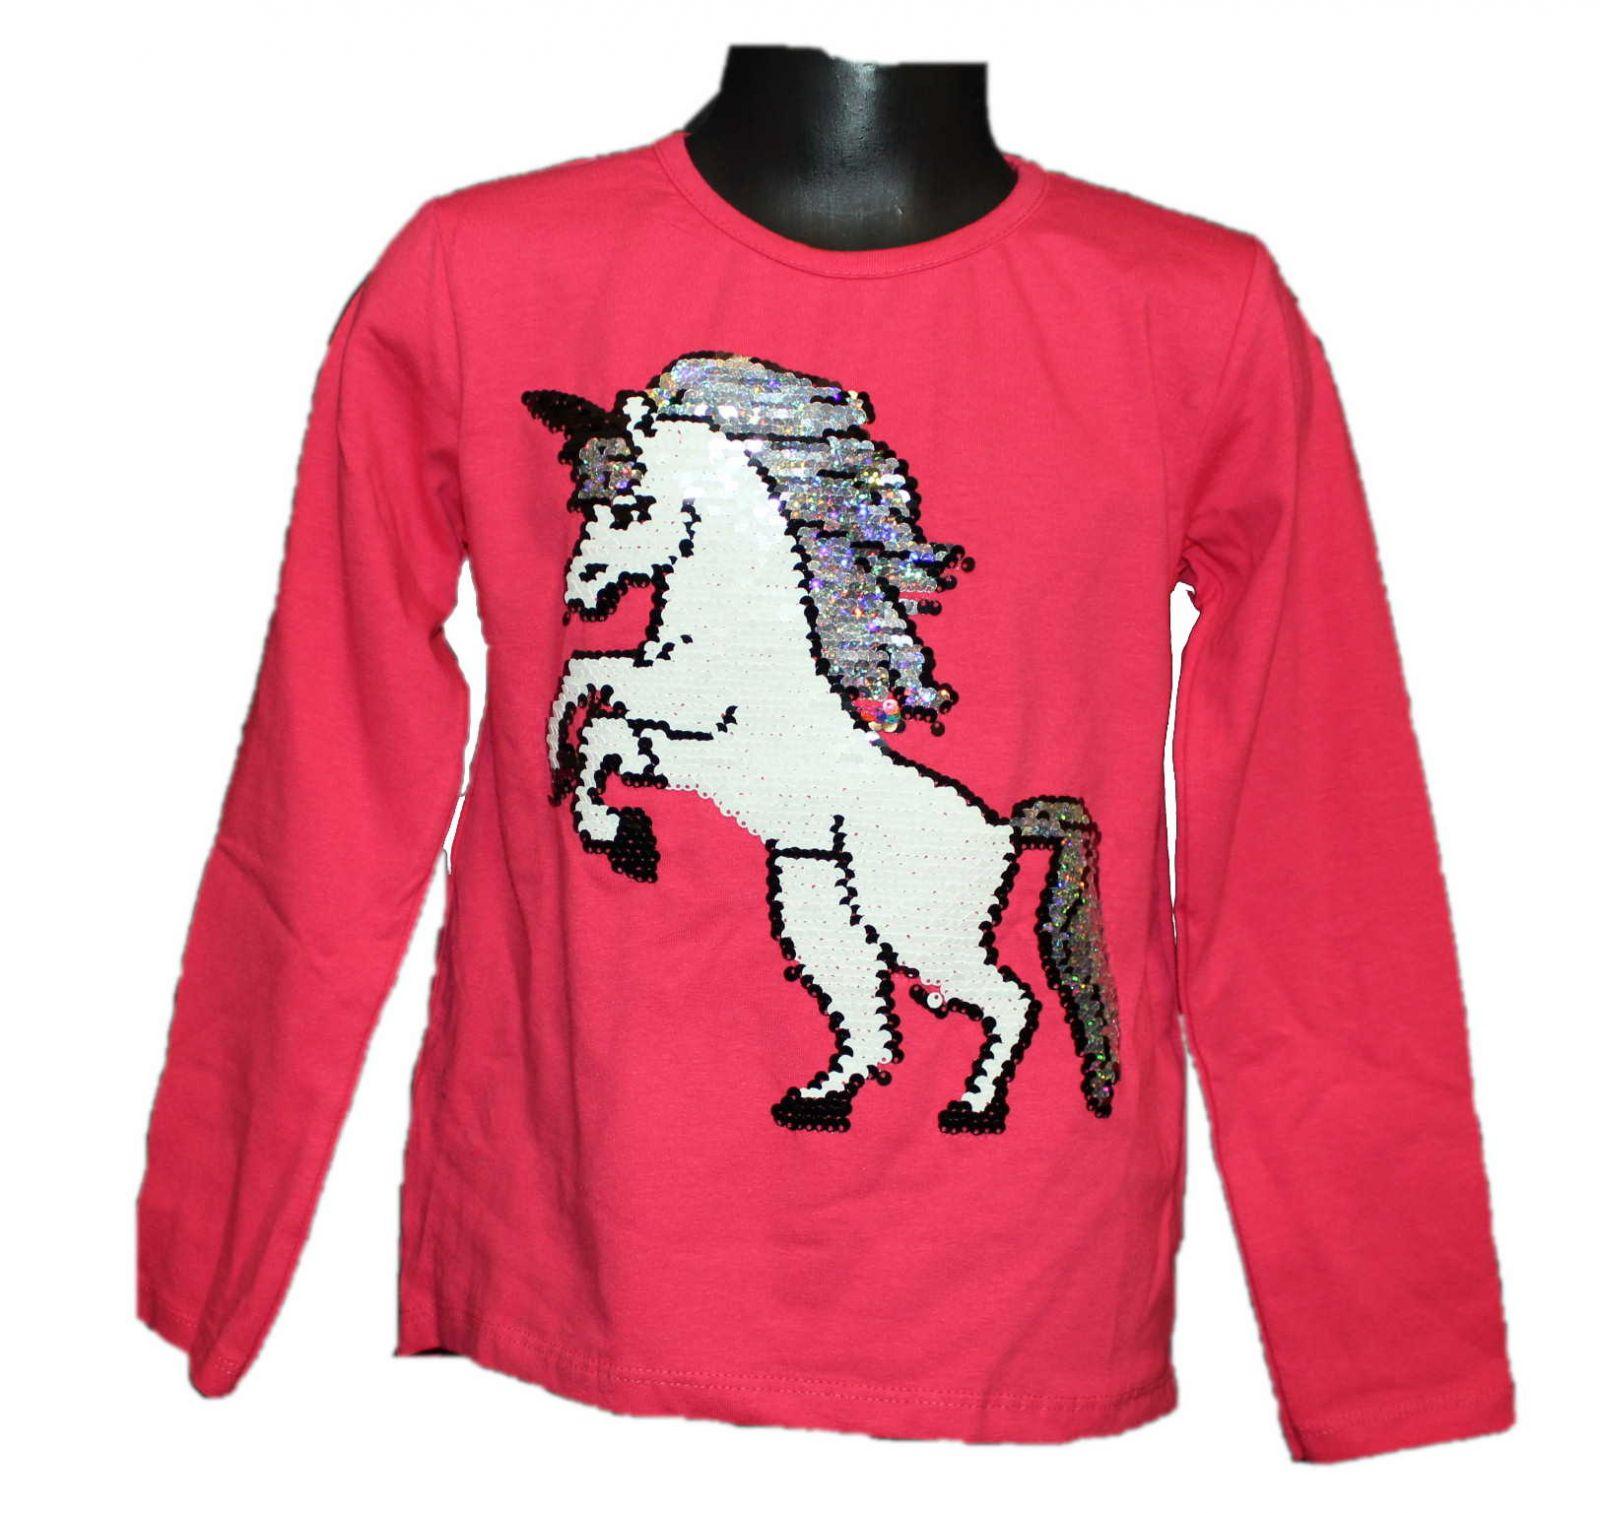 měnící tričko, přeměňovací tričko s koněm, měnící tričko s Unikorn Tomurcuk